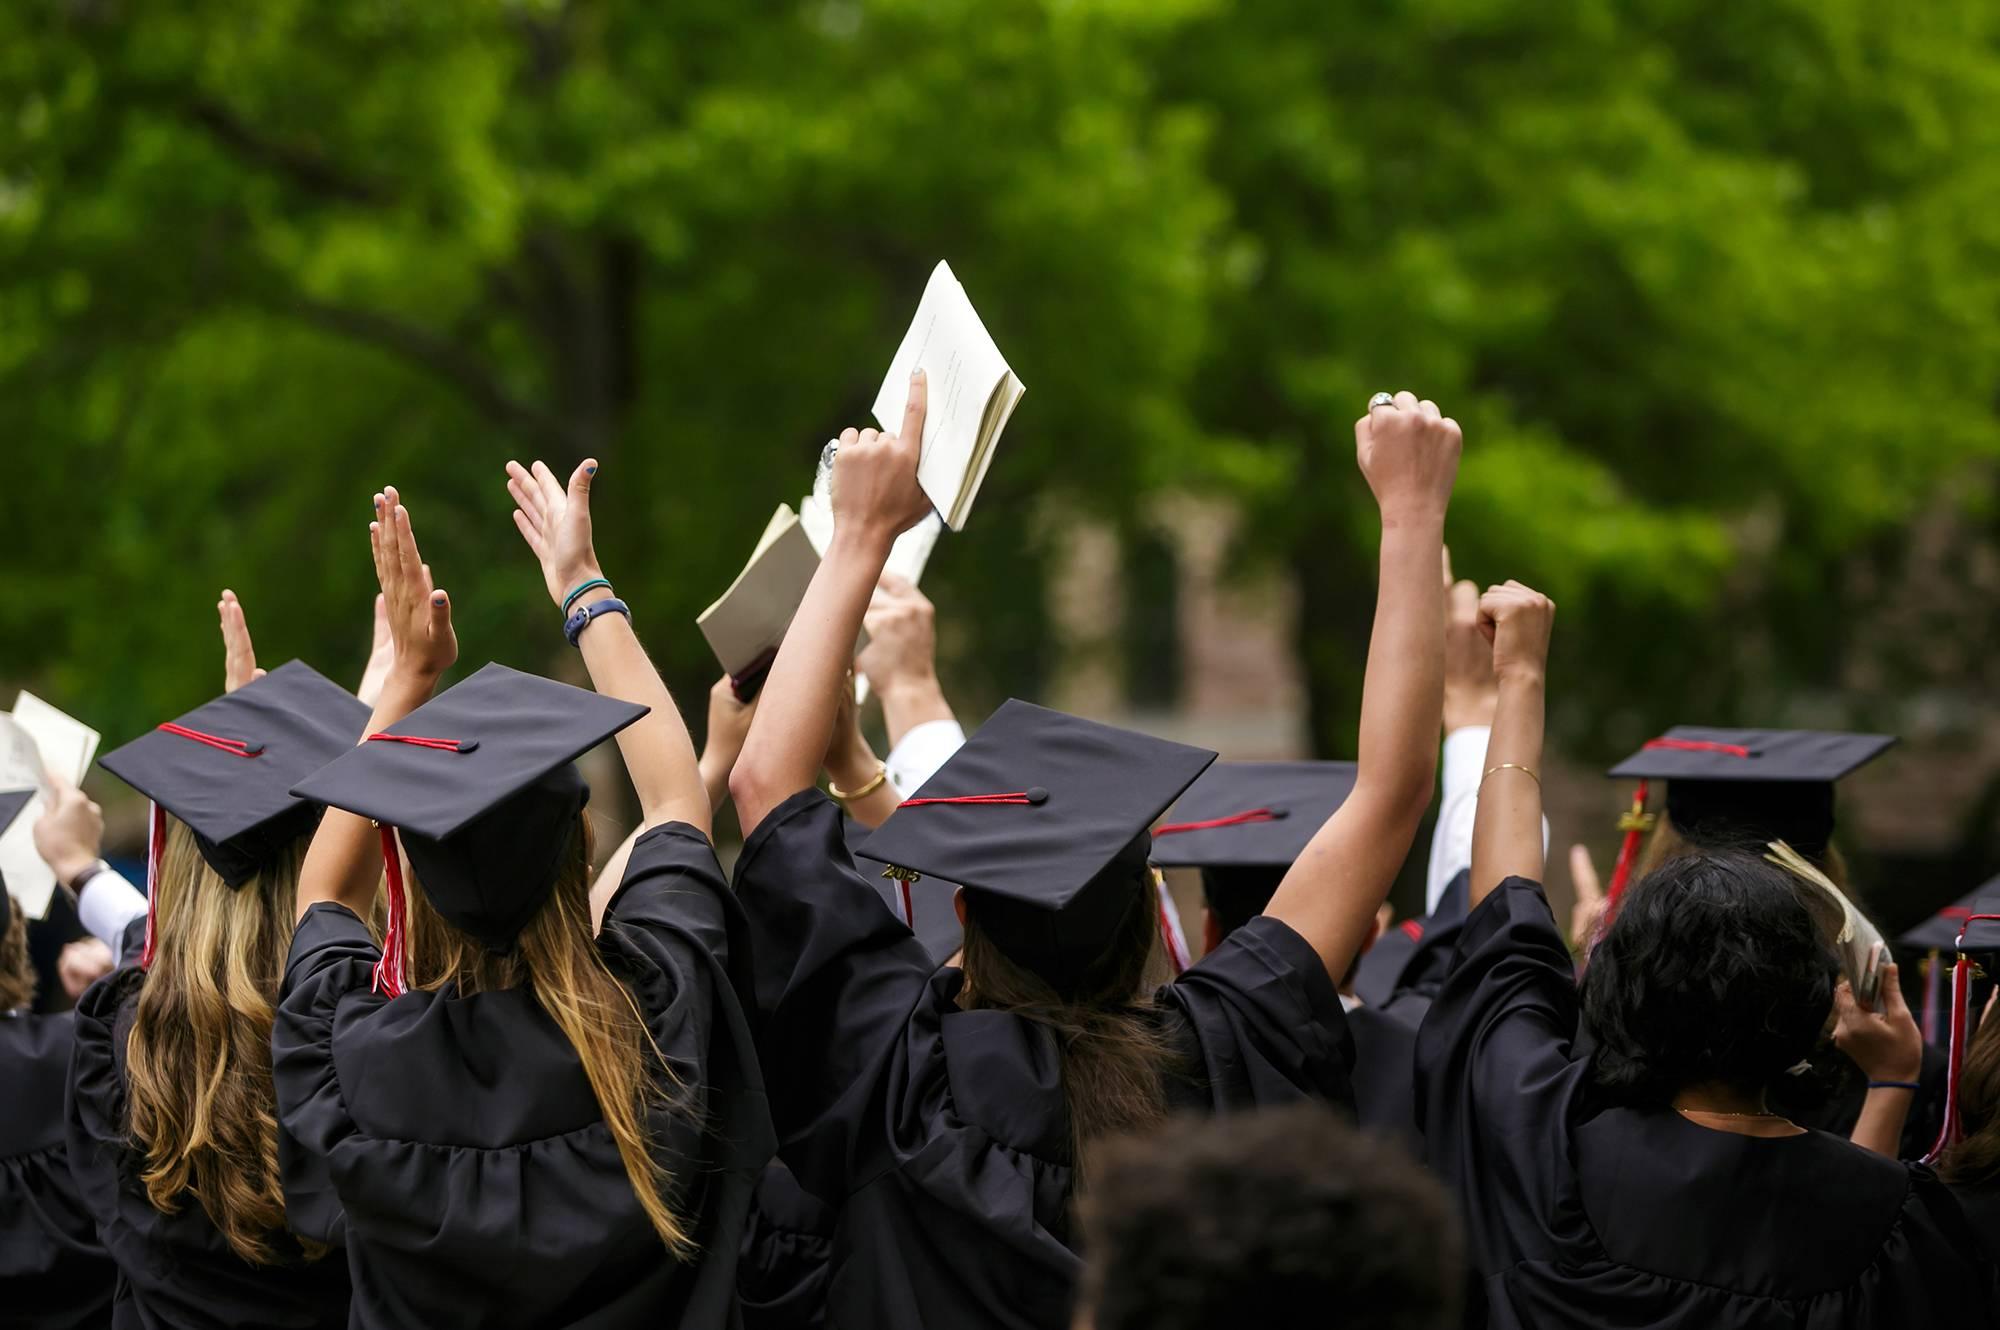 Университеты и институты в израиле: поступление в вузы, особенности обучения